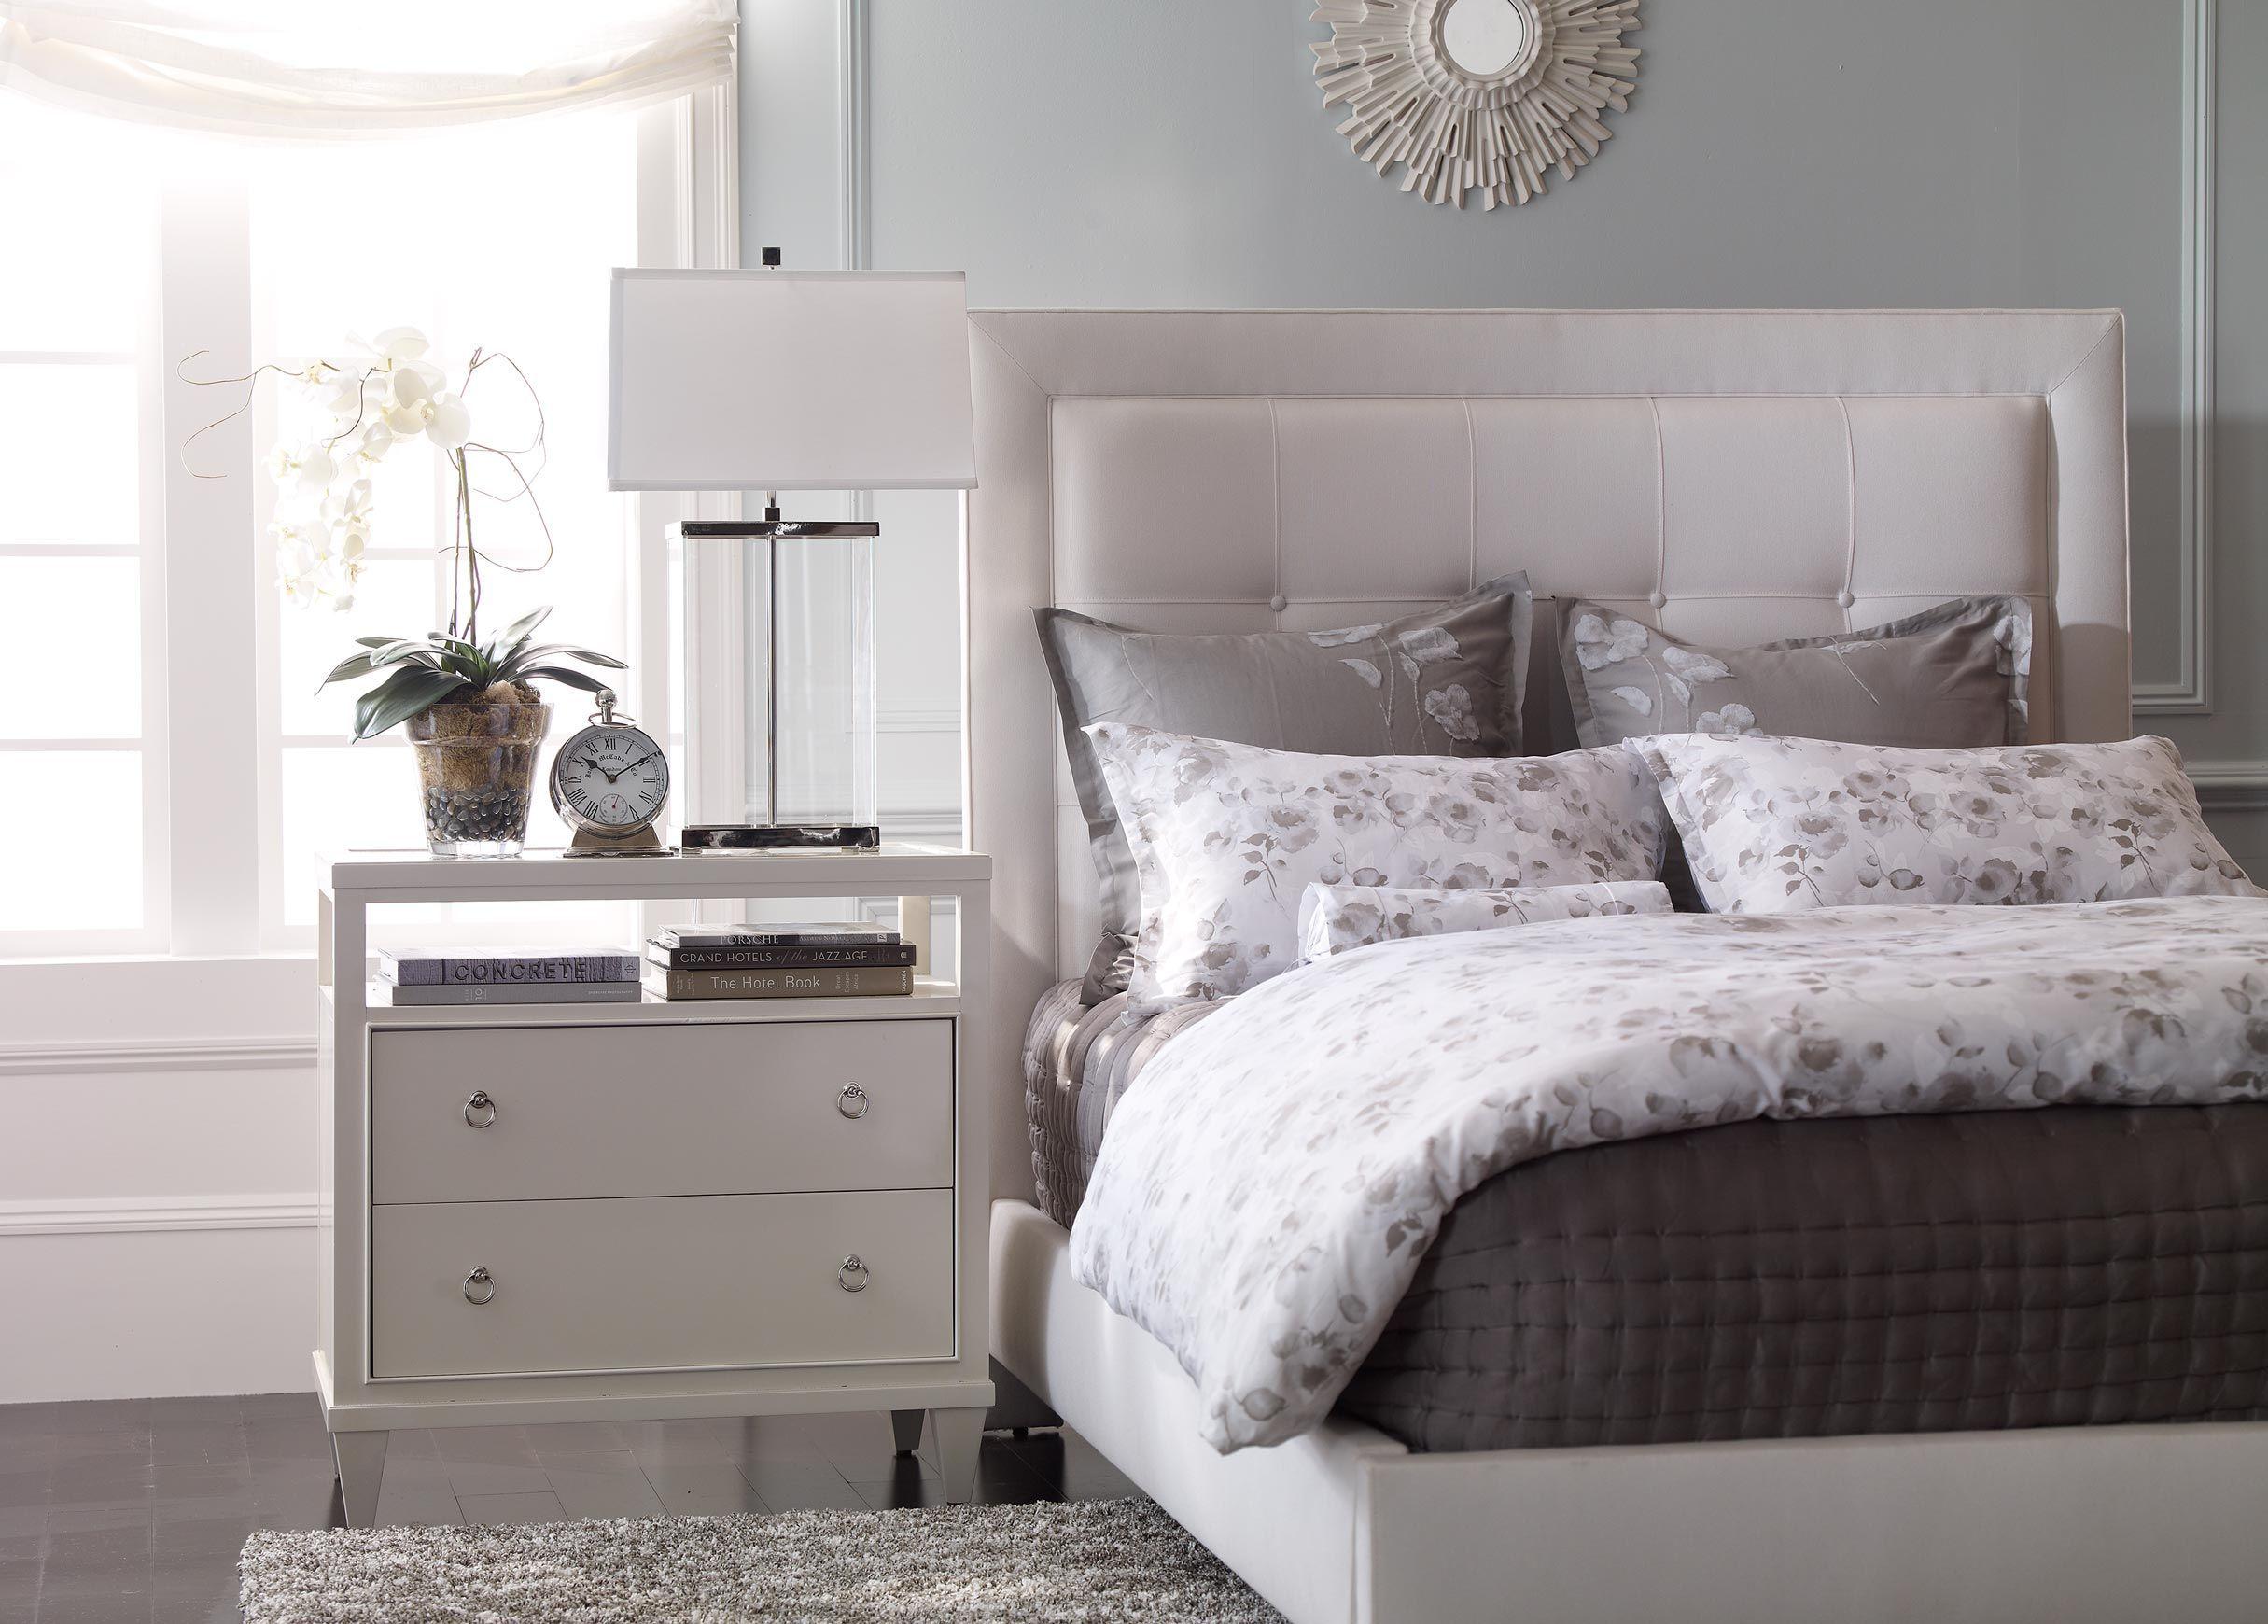 Aug2017 Jensen 111 Flip Jpg 2 430 1 740 Pixels Bedroom Night Home Furniture